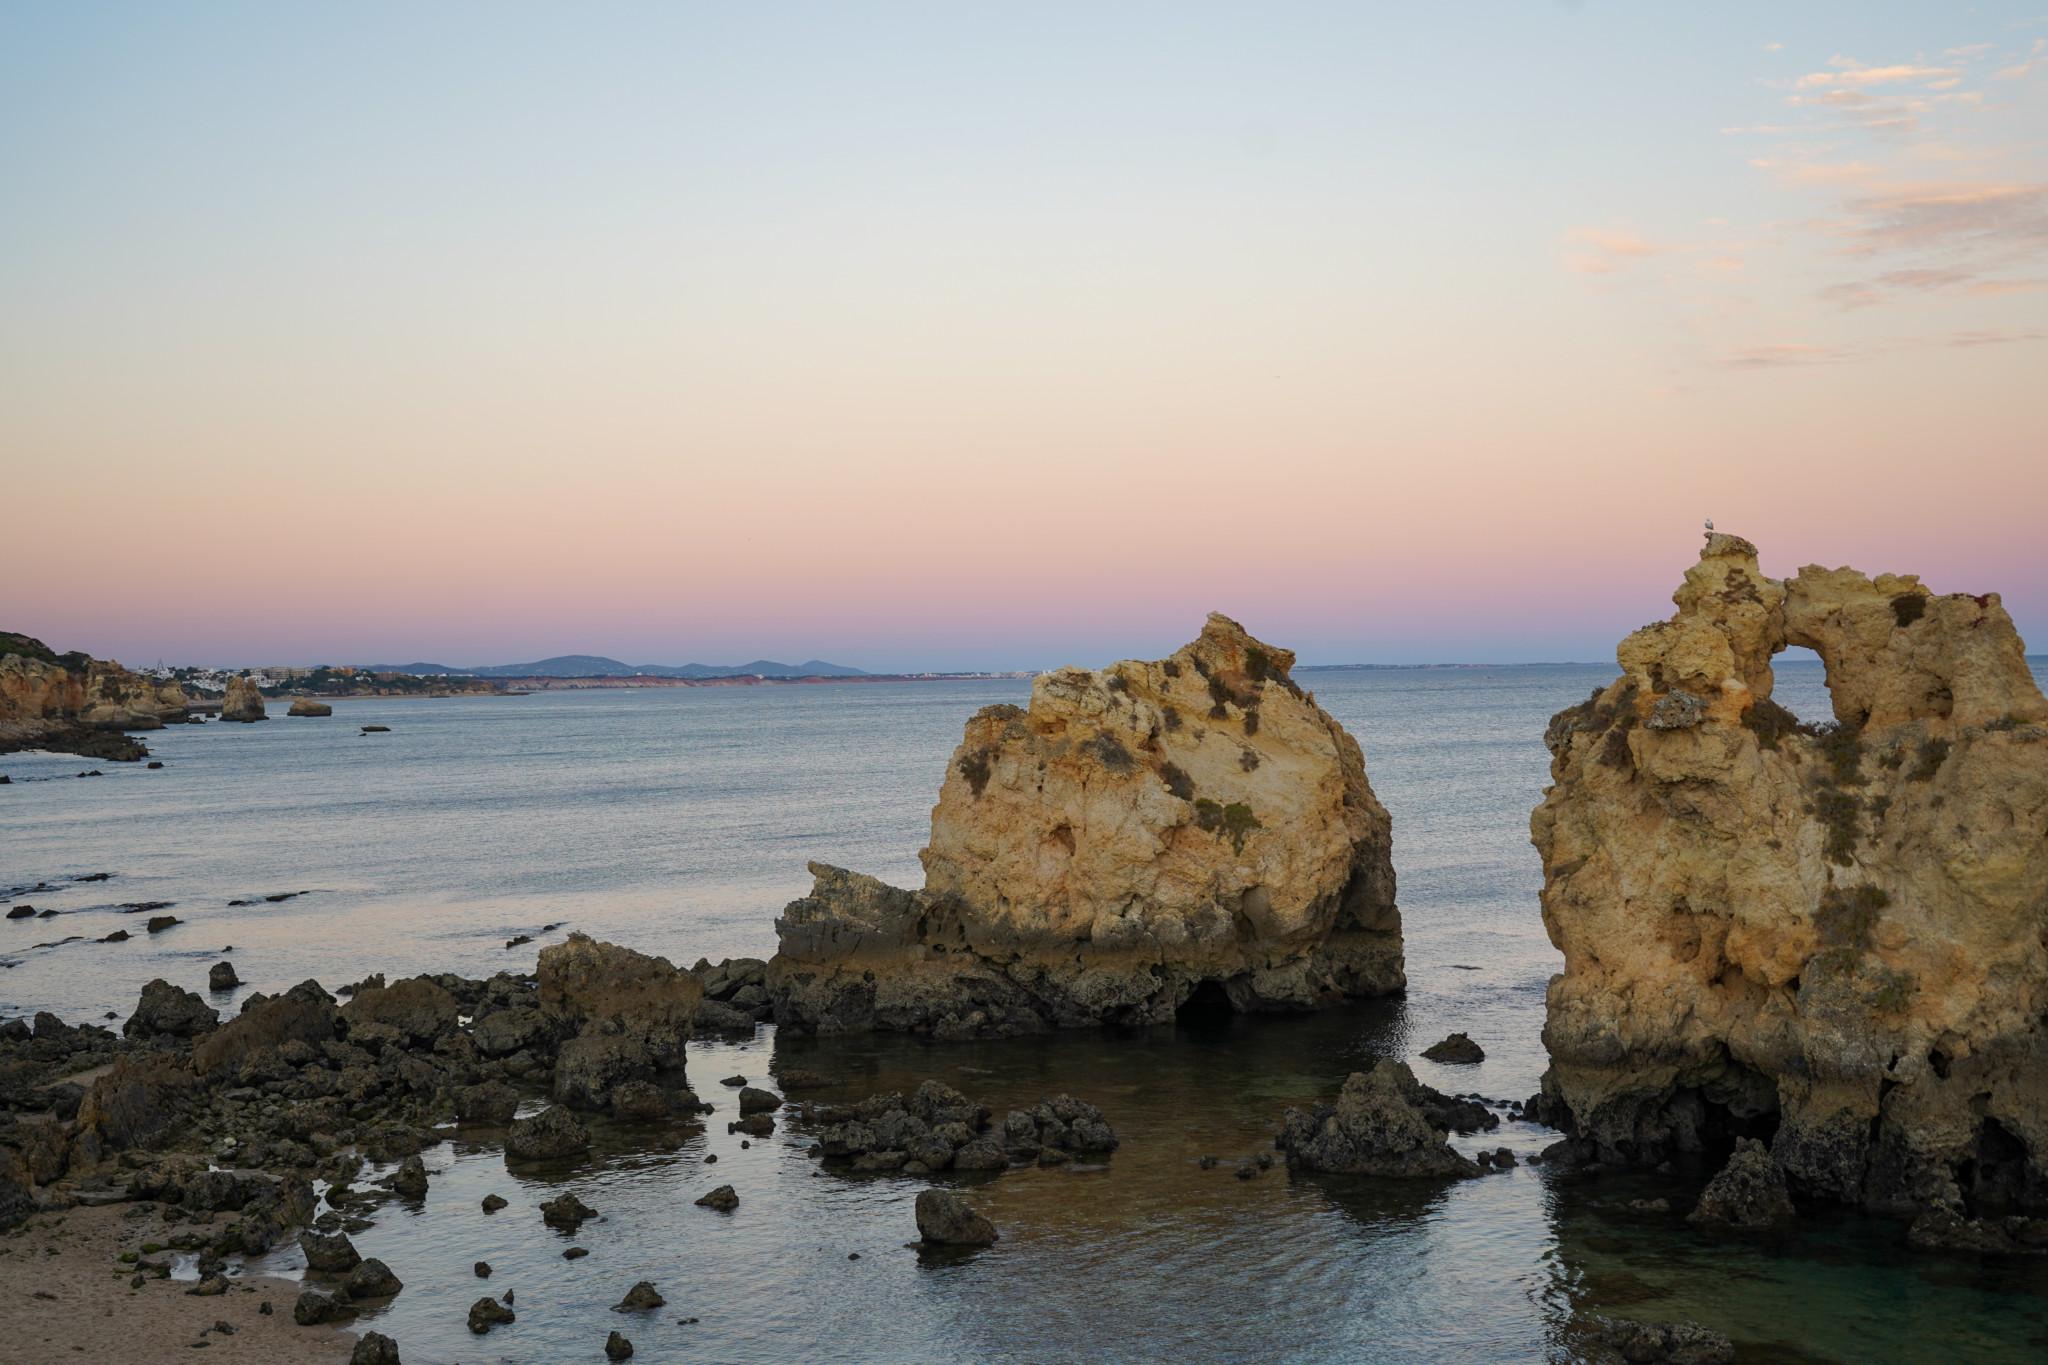 Sonnenuntergang in der Nähe von Albufeira.